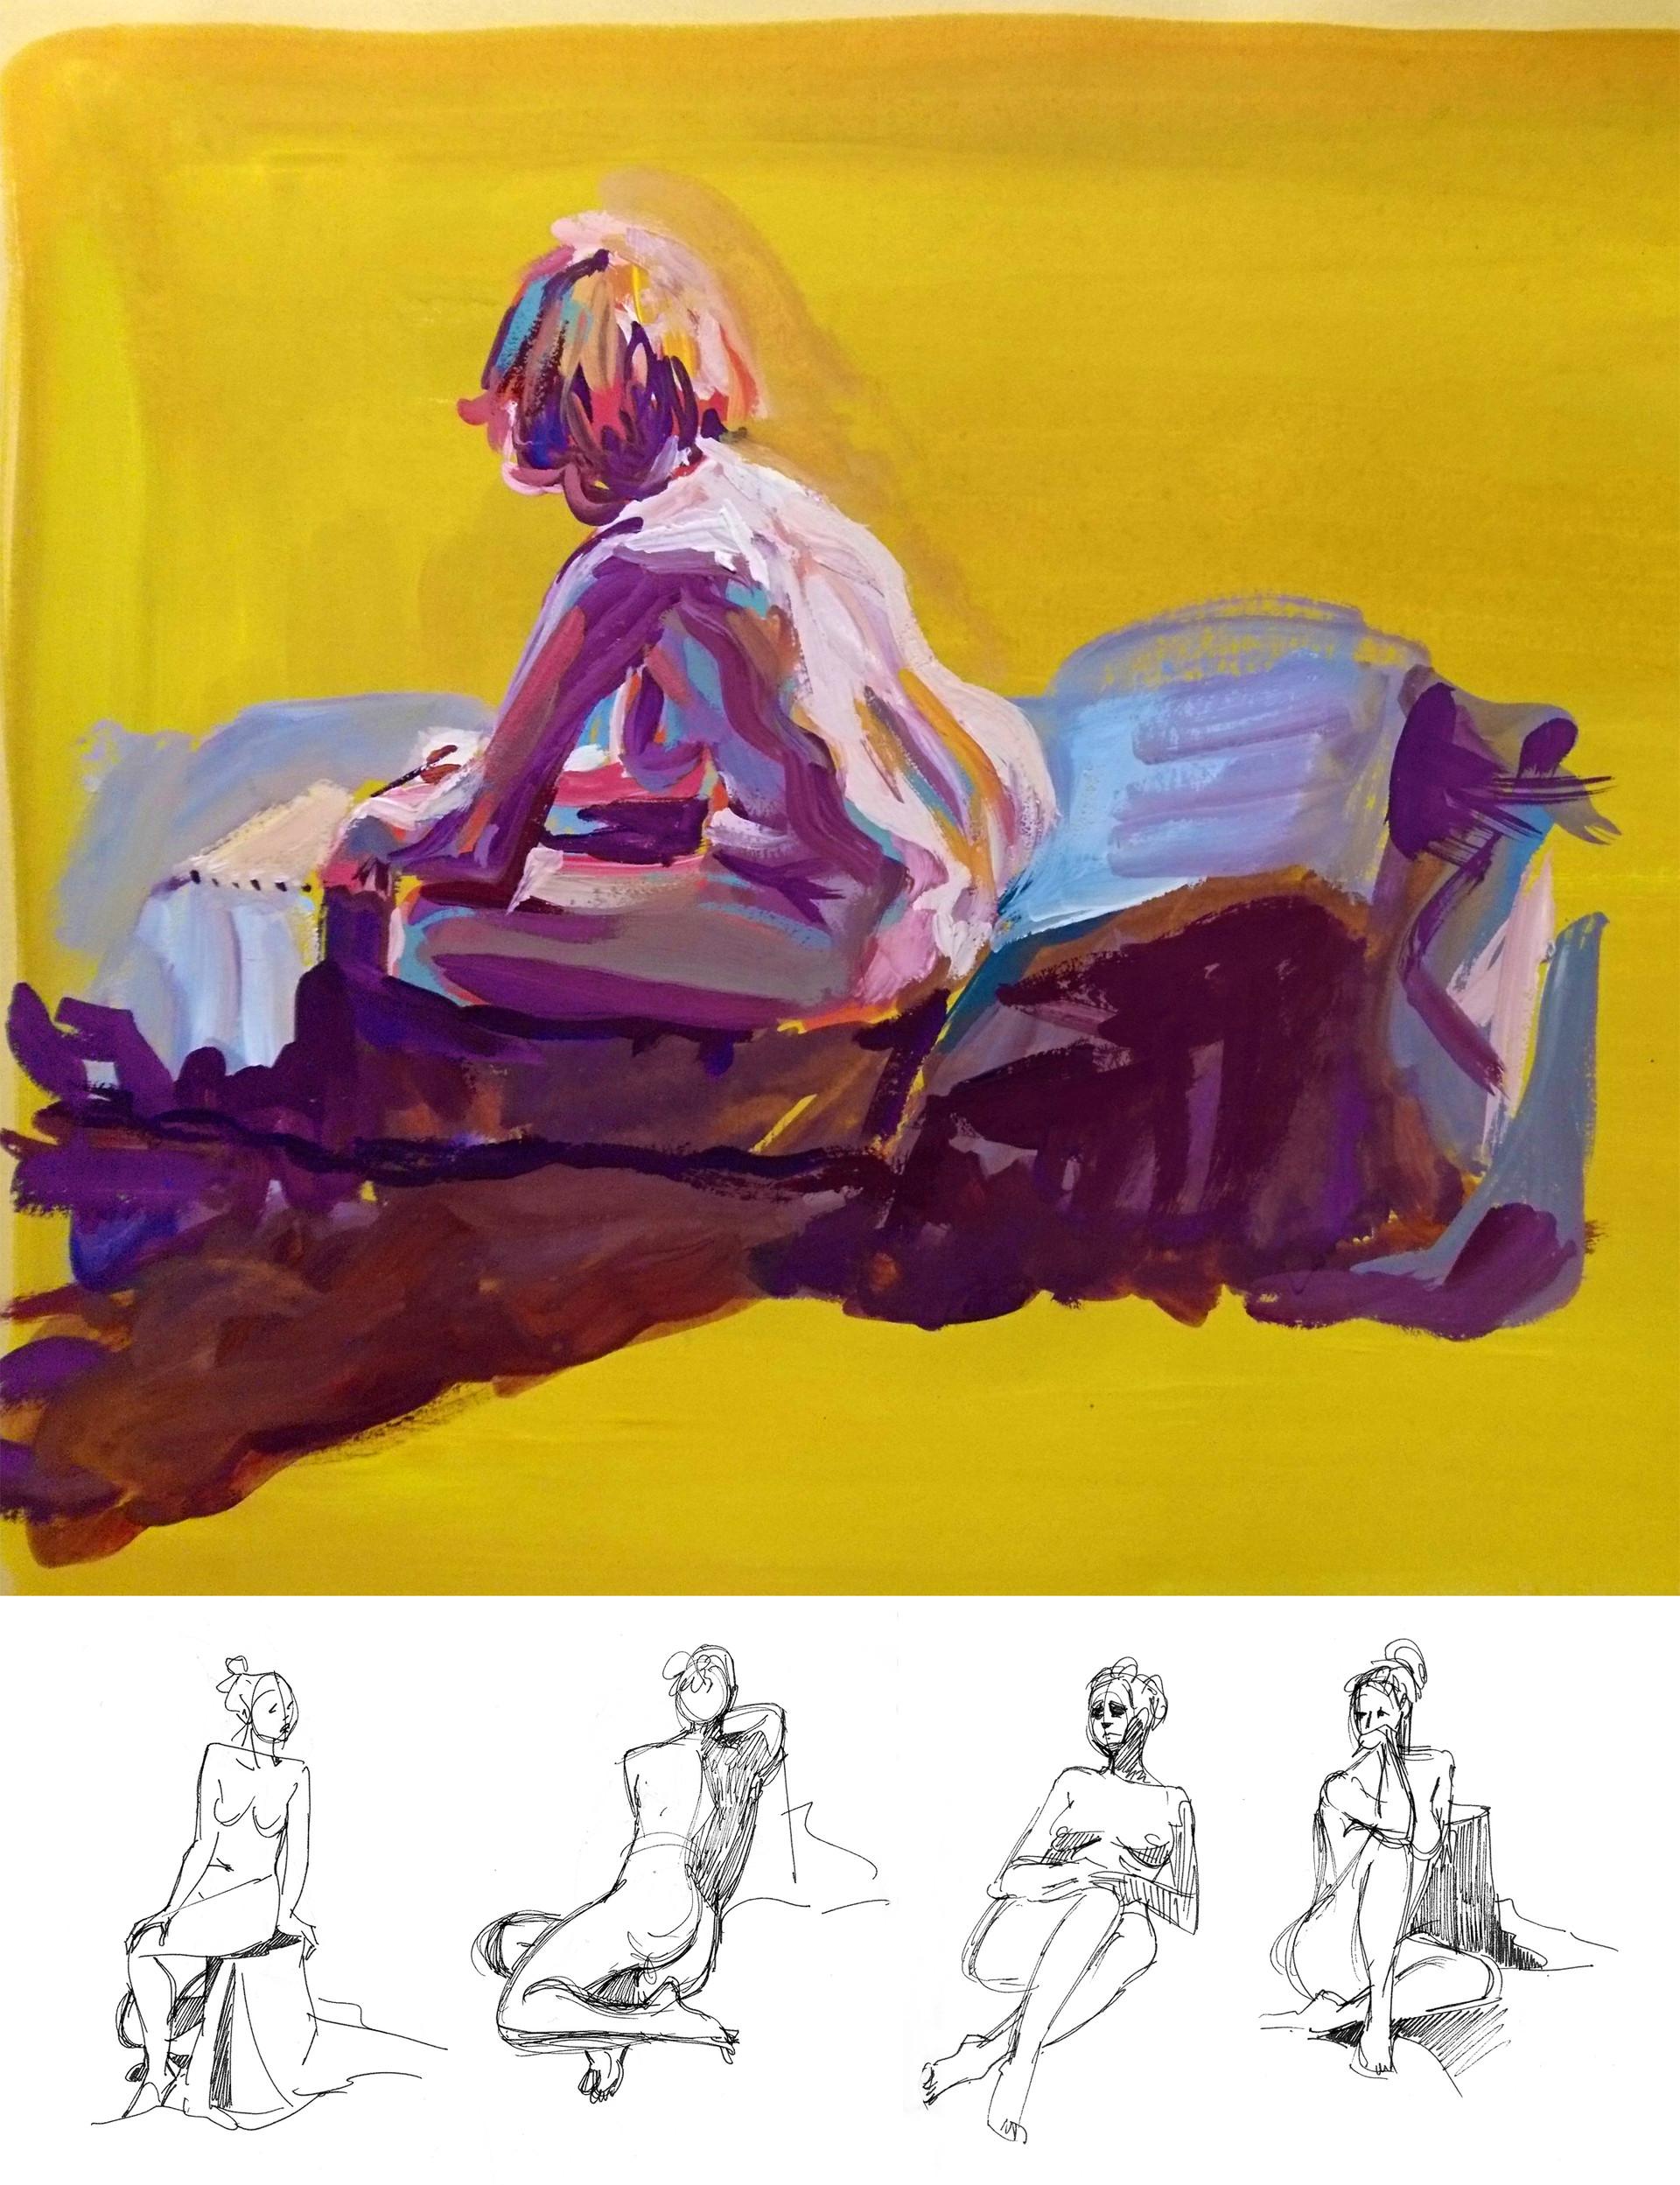 Elisa moriconi 1 03 marzo girl sitting 02